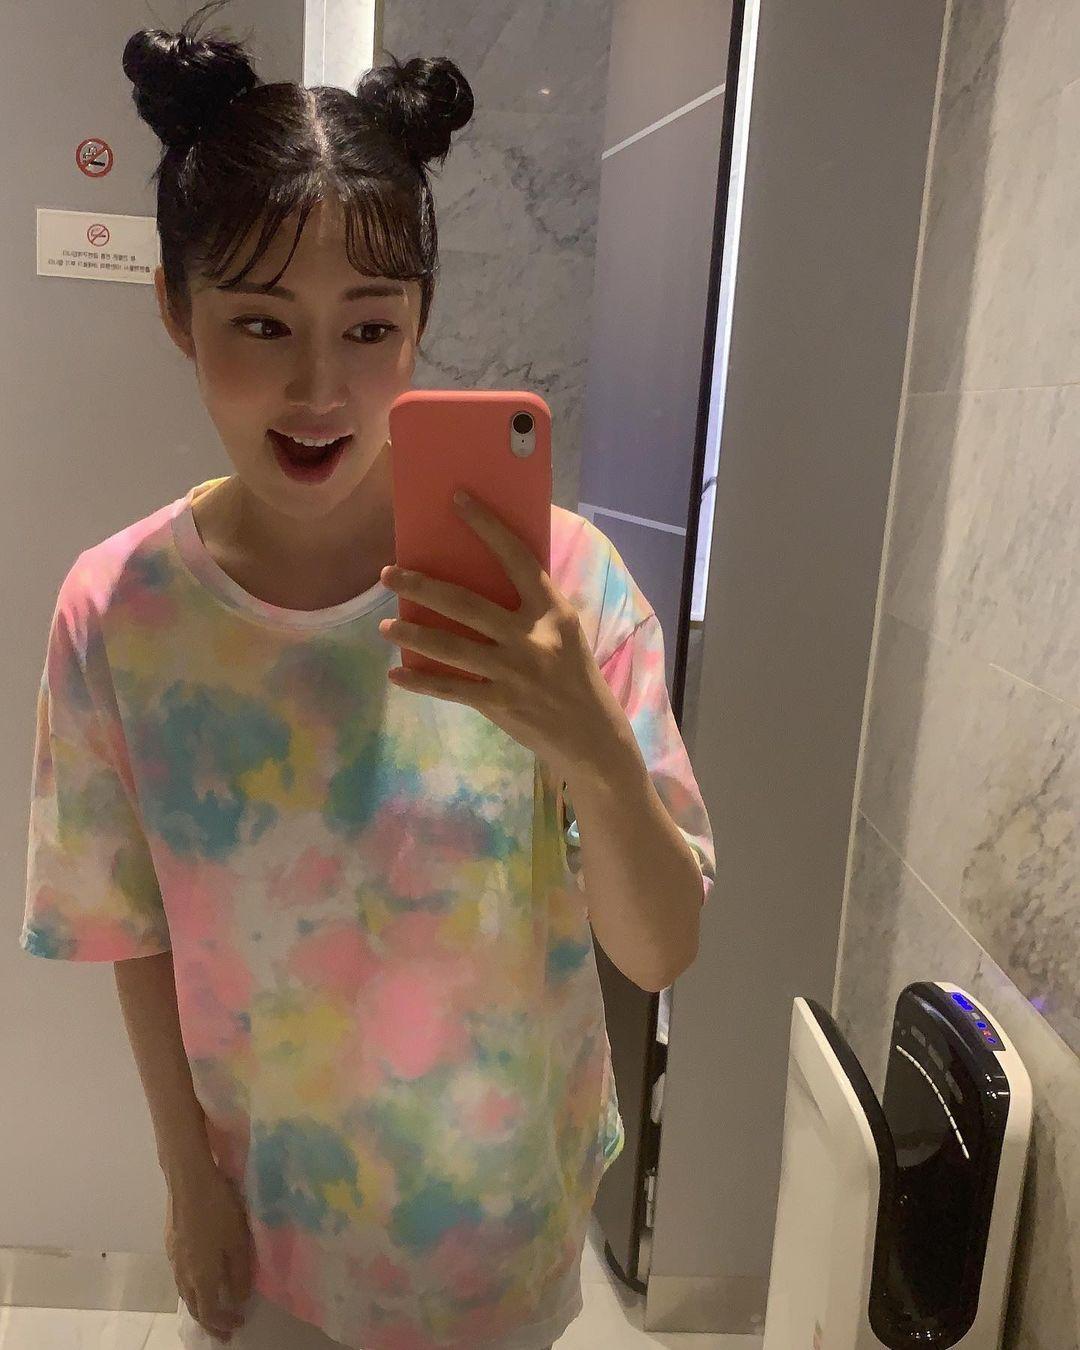 韩国41岁女星未婚生子引热议,原因公开后被网友大赞有勇气!插图5